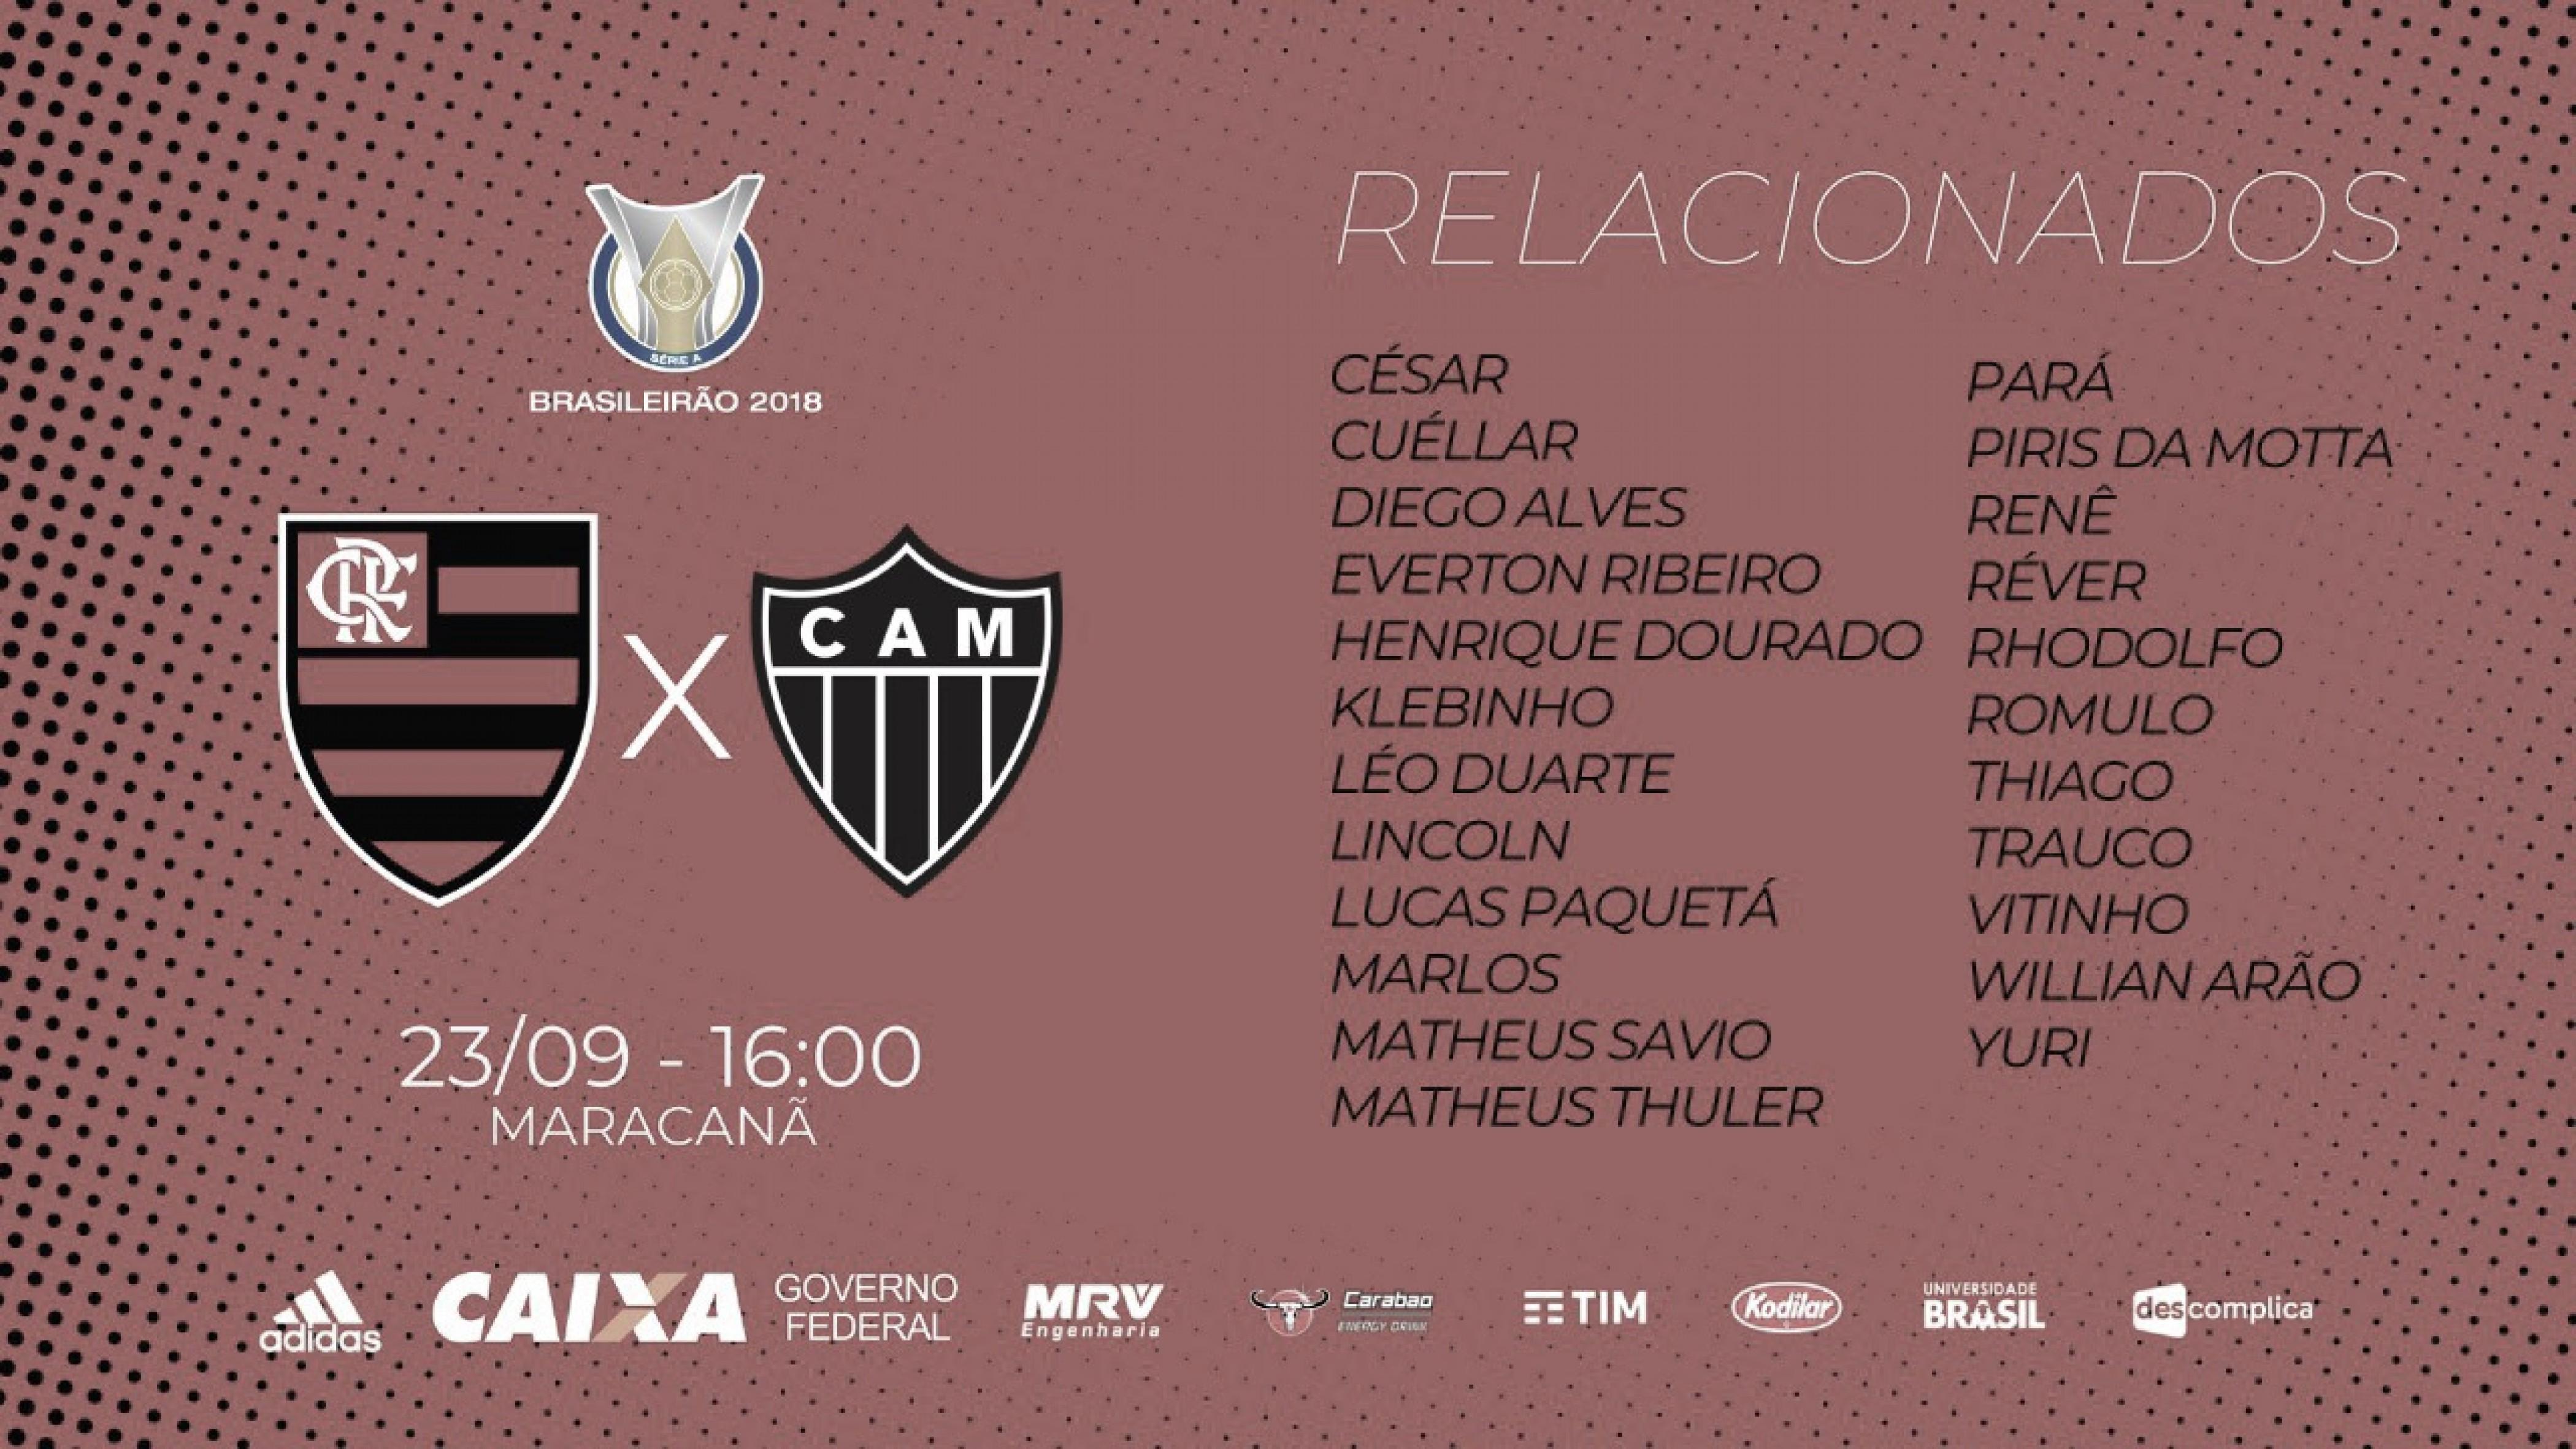 Flamengo divulga lista de relacionados para o jogo contra o Atlético MG